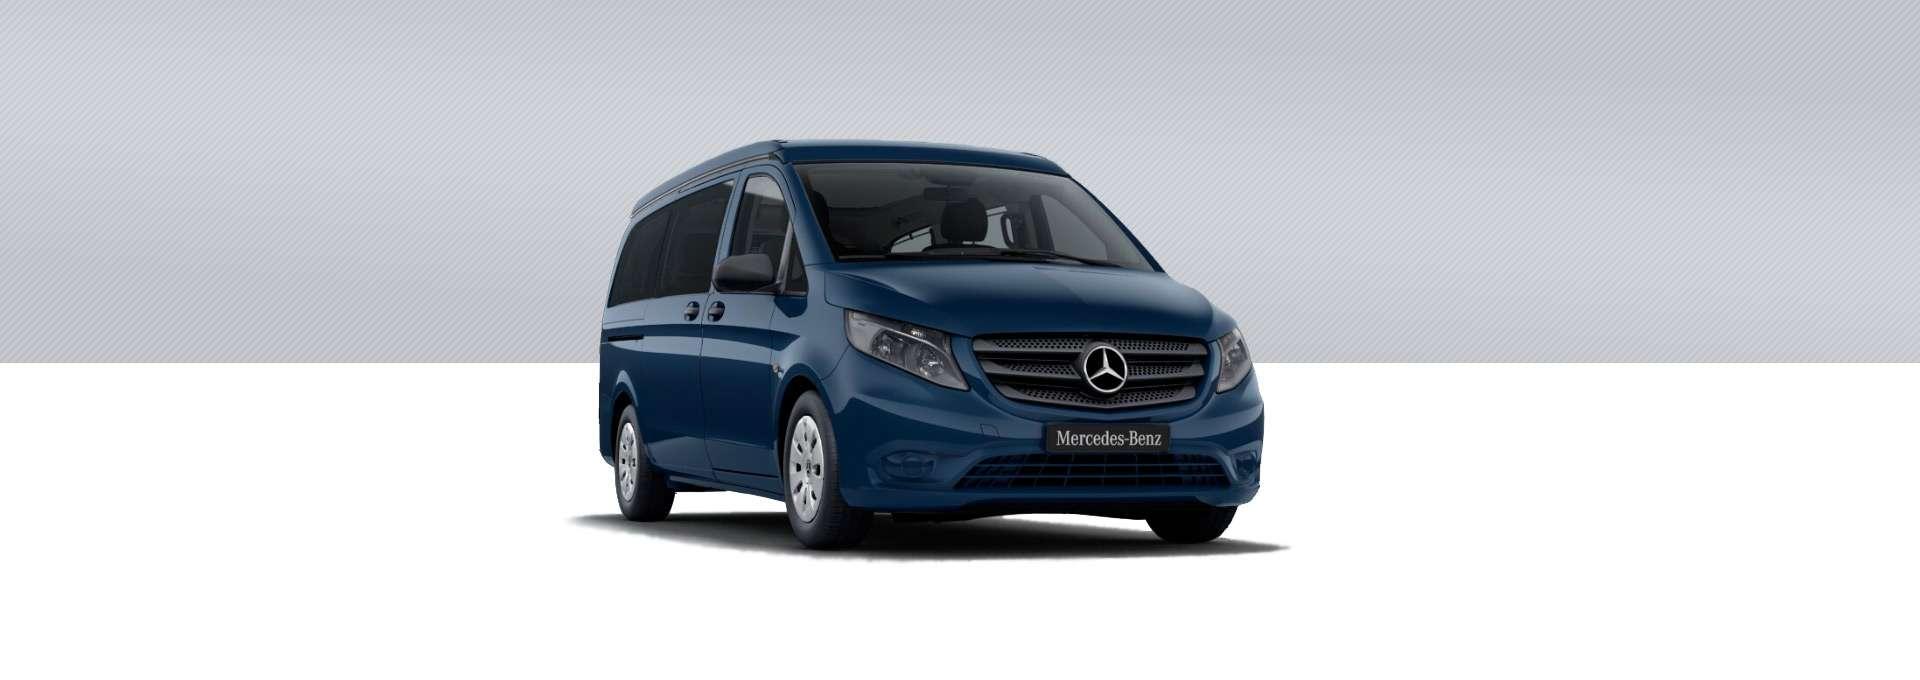 Mercedes Benz Marco Polo Activity